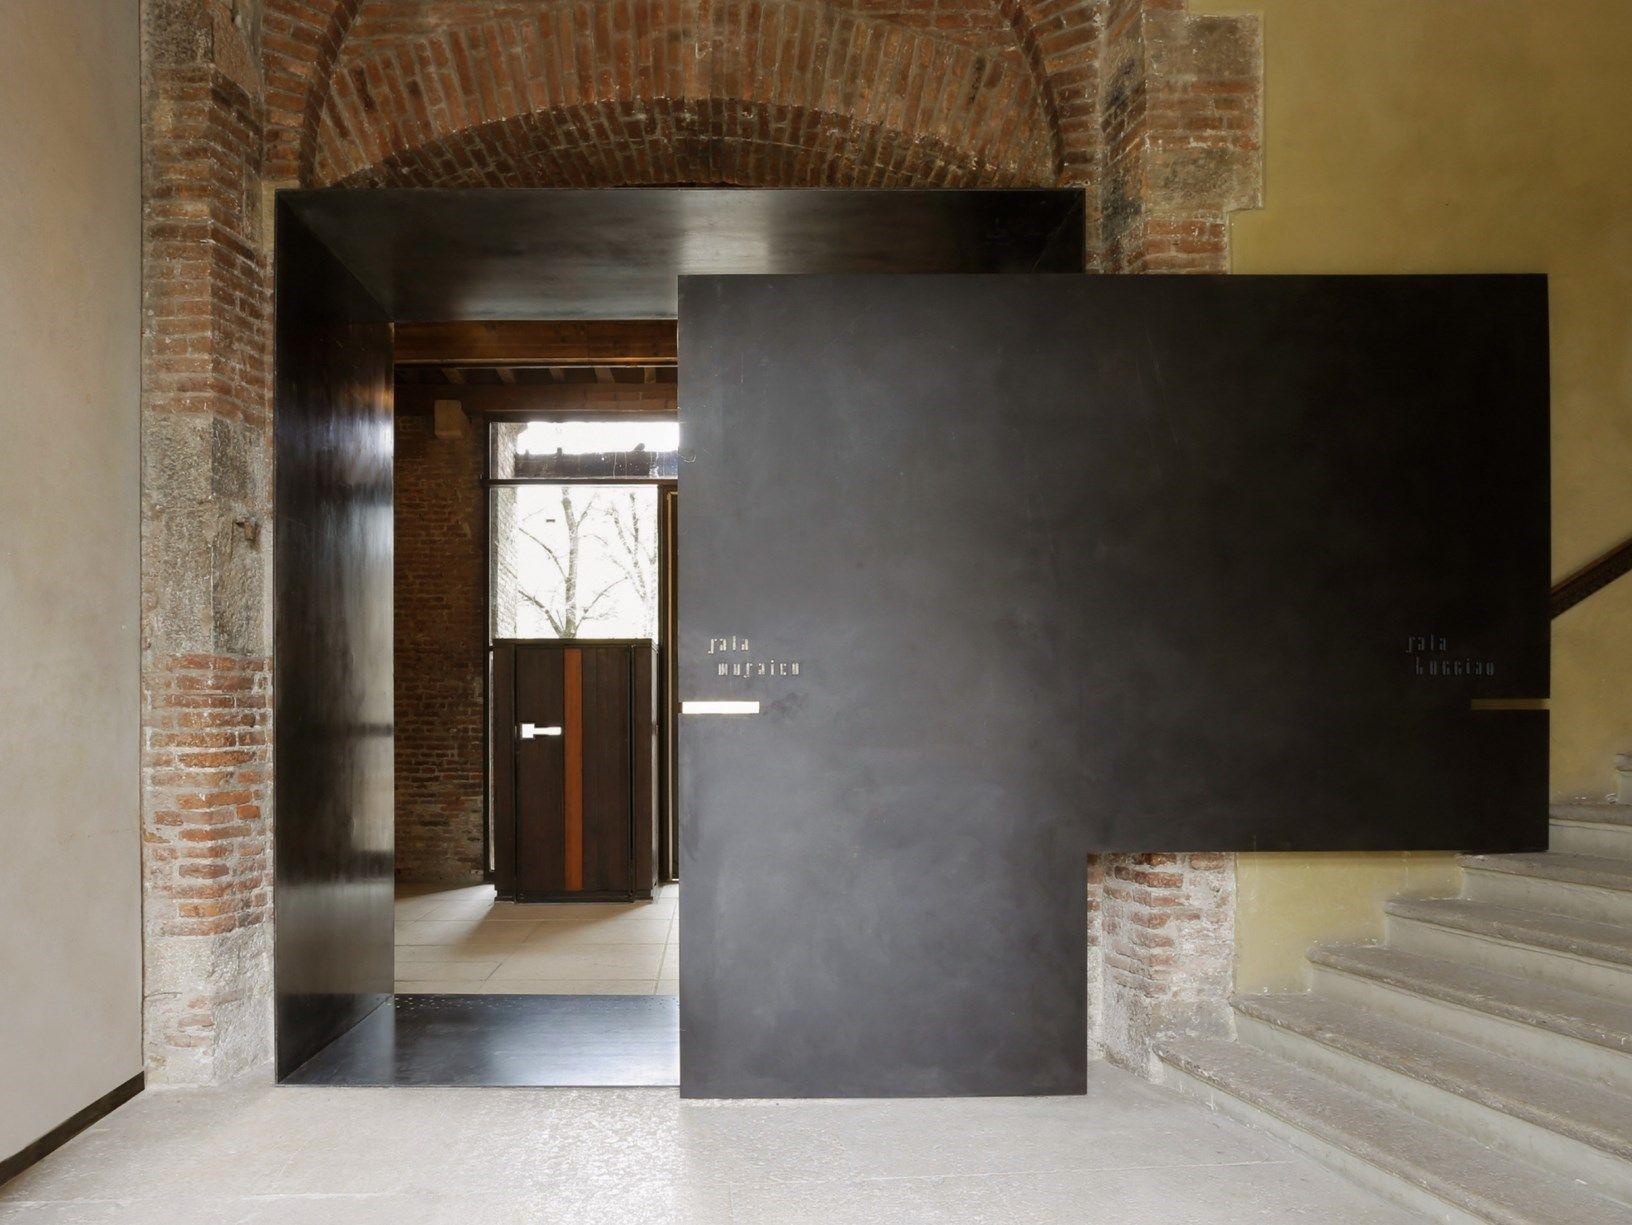 Museo Di Castelvecchio.Ceadesign Per Il Museo Di Castelvecchio